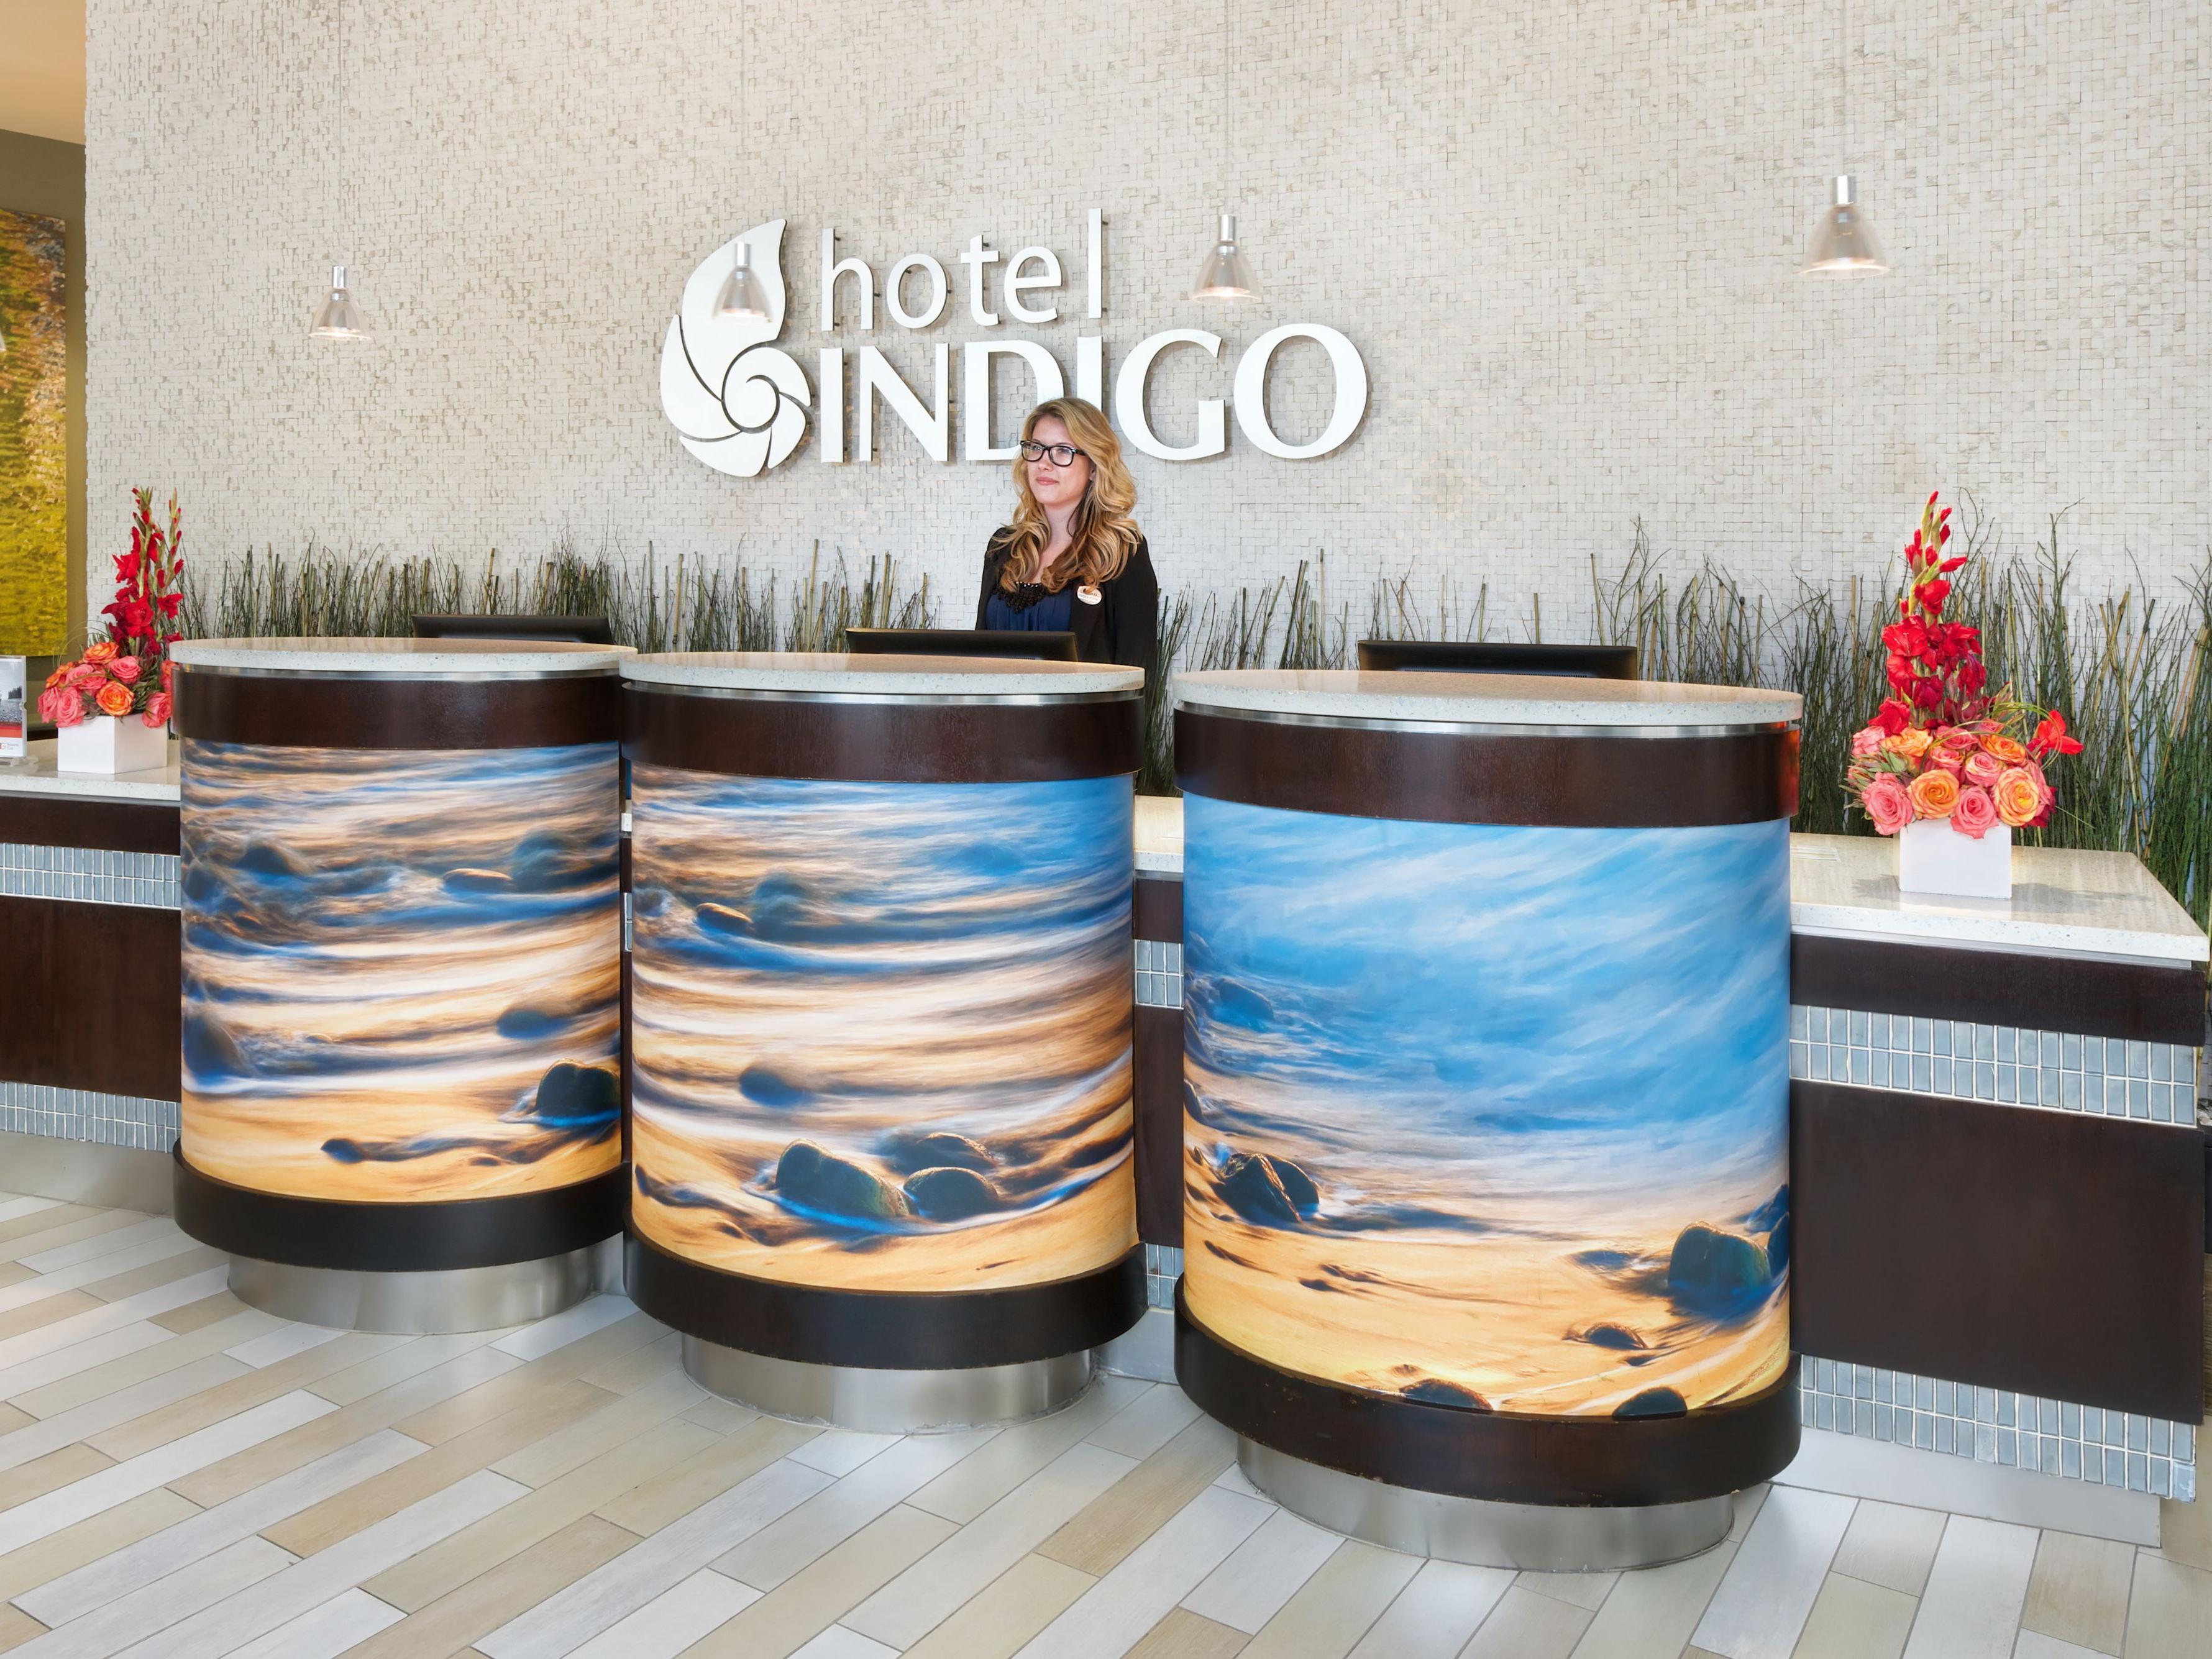 Hotel Indigo San Go Gaslamp Quarter